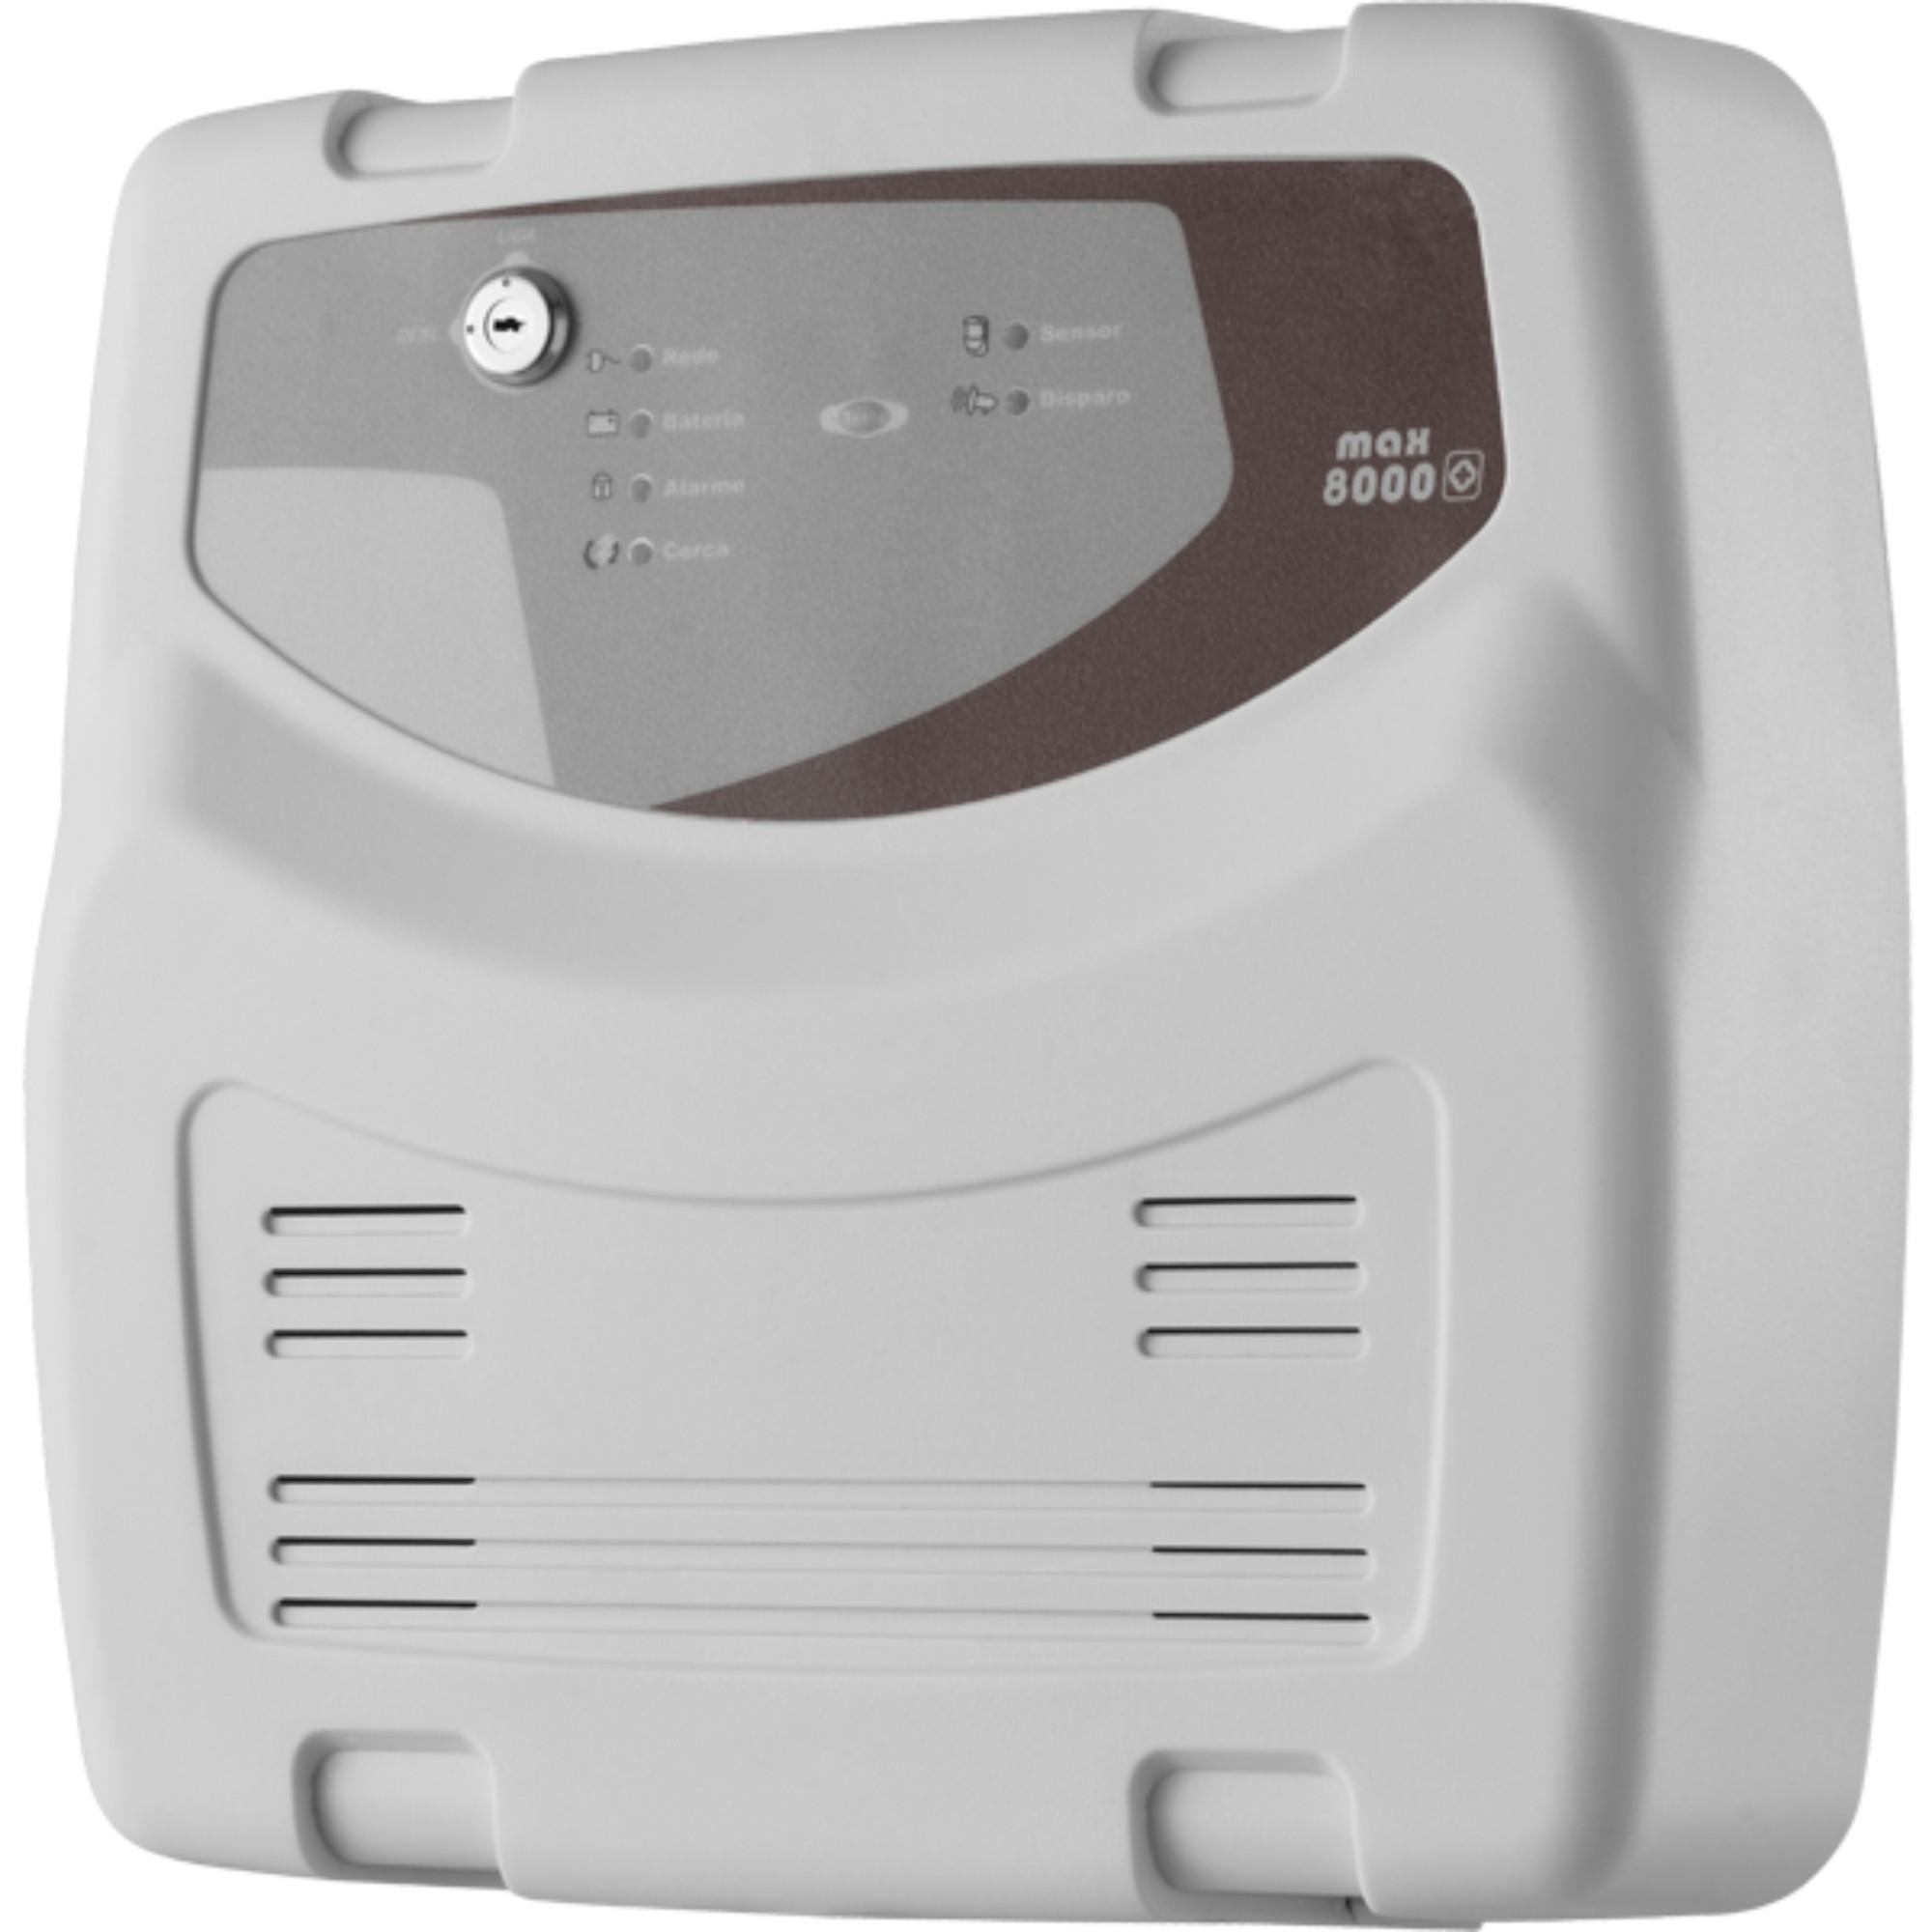 Central De Choque Eletrificador P/ Cerca Elétrica TEM MAX 8000